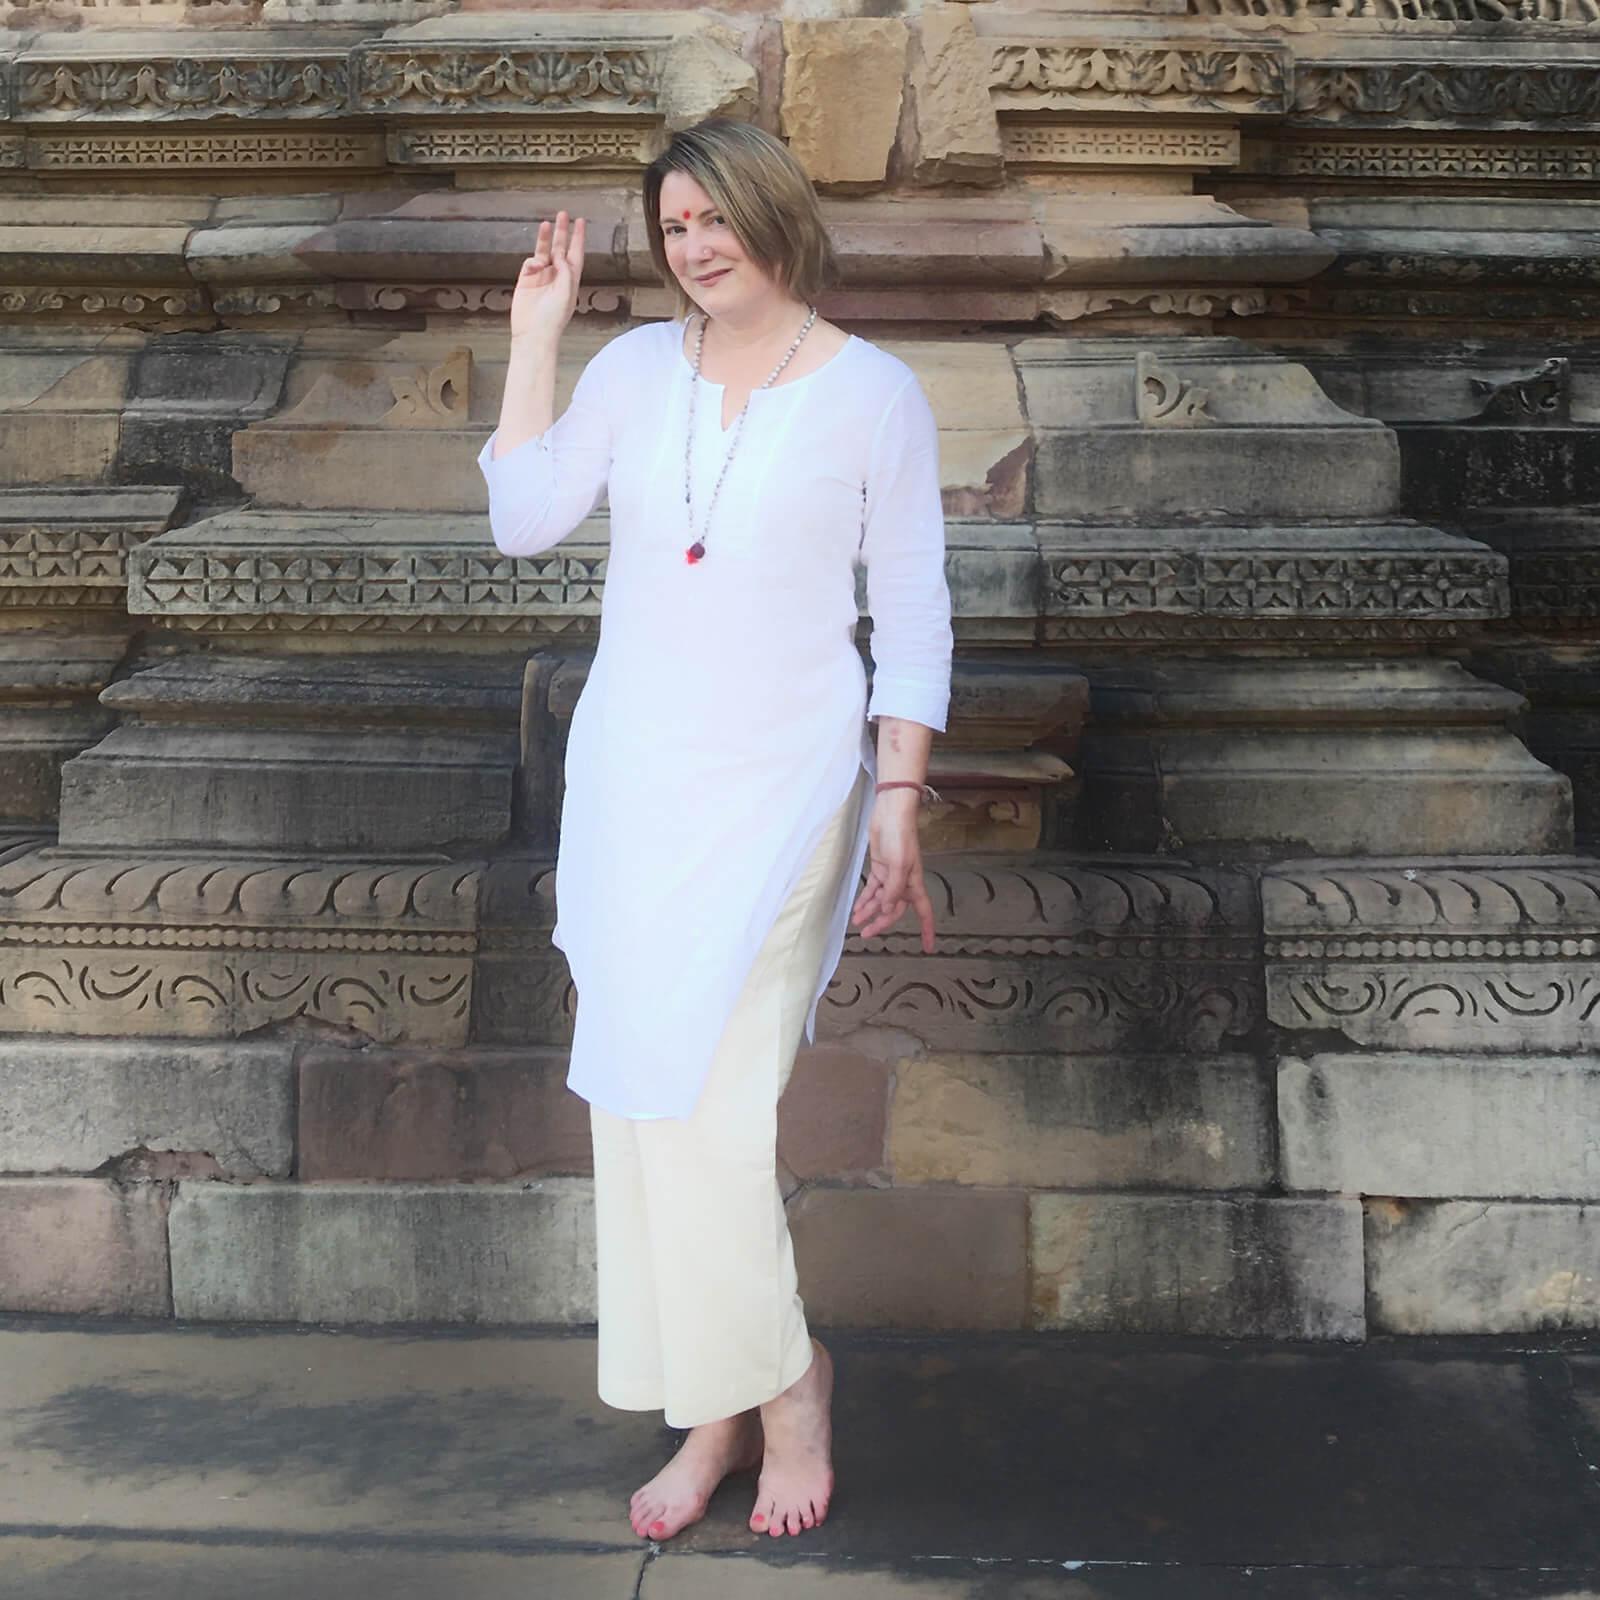 Mariellen Ward exploring the Khajuraho temples